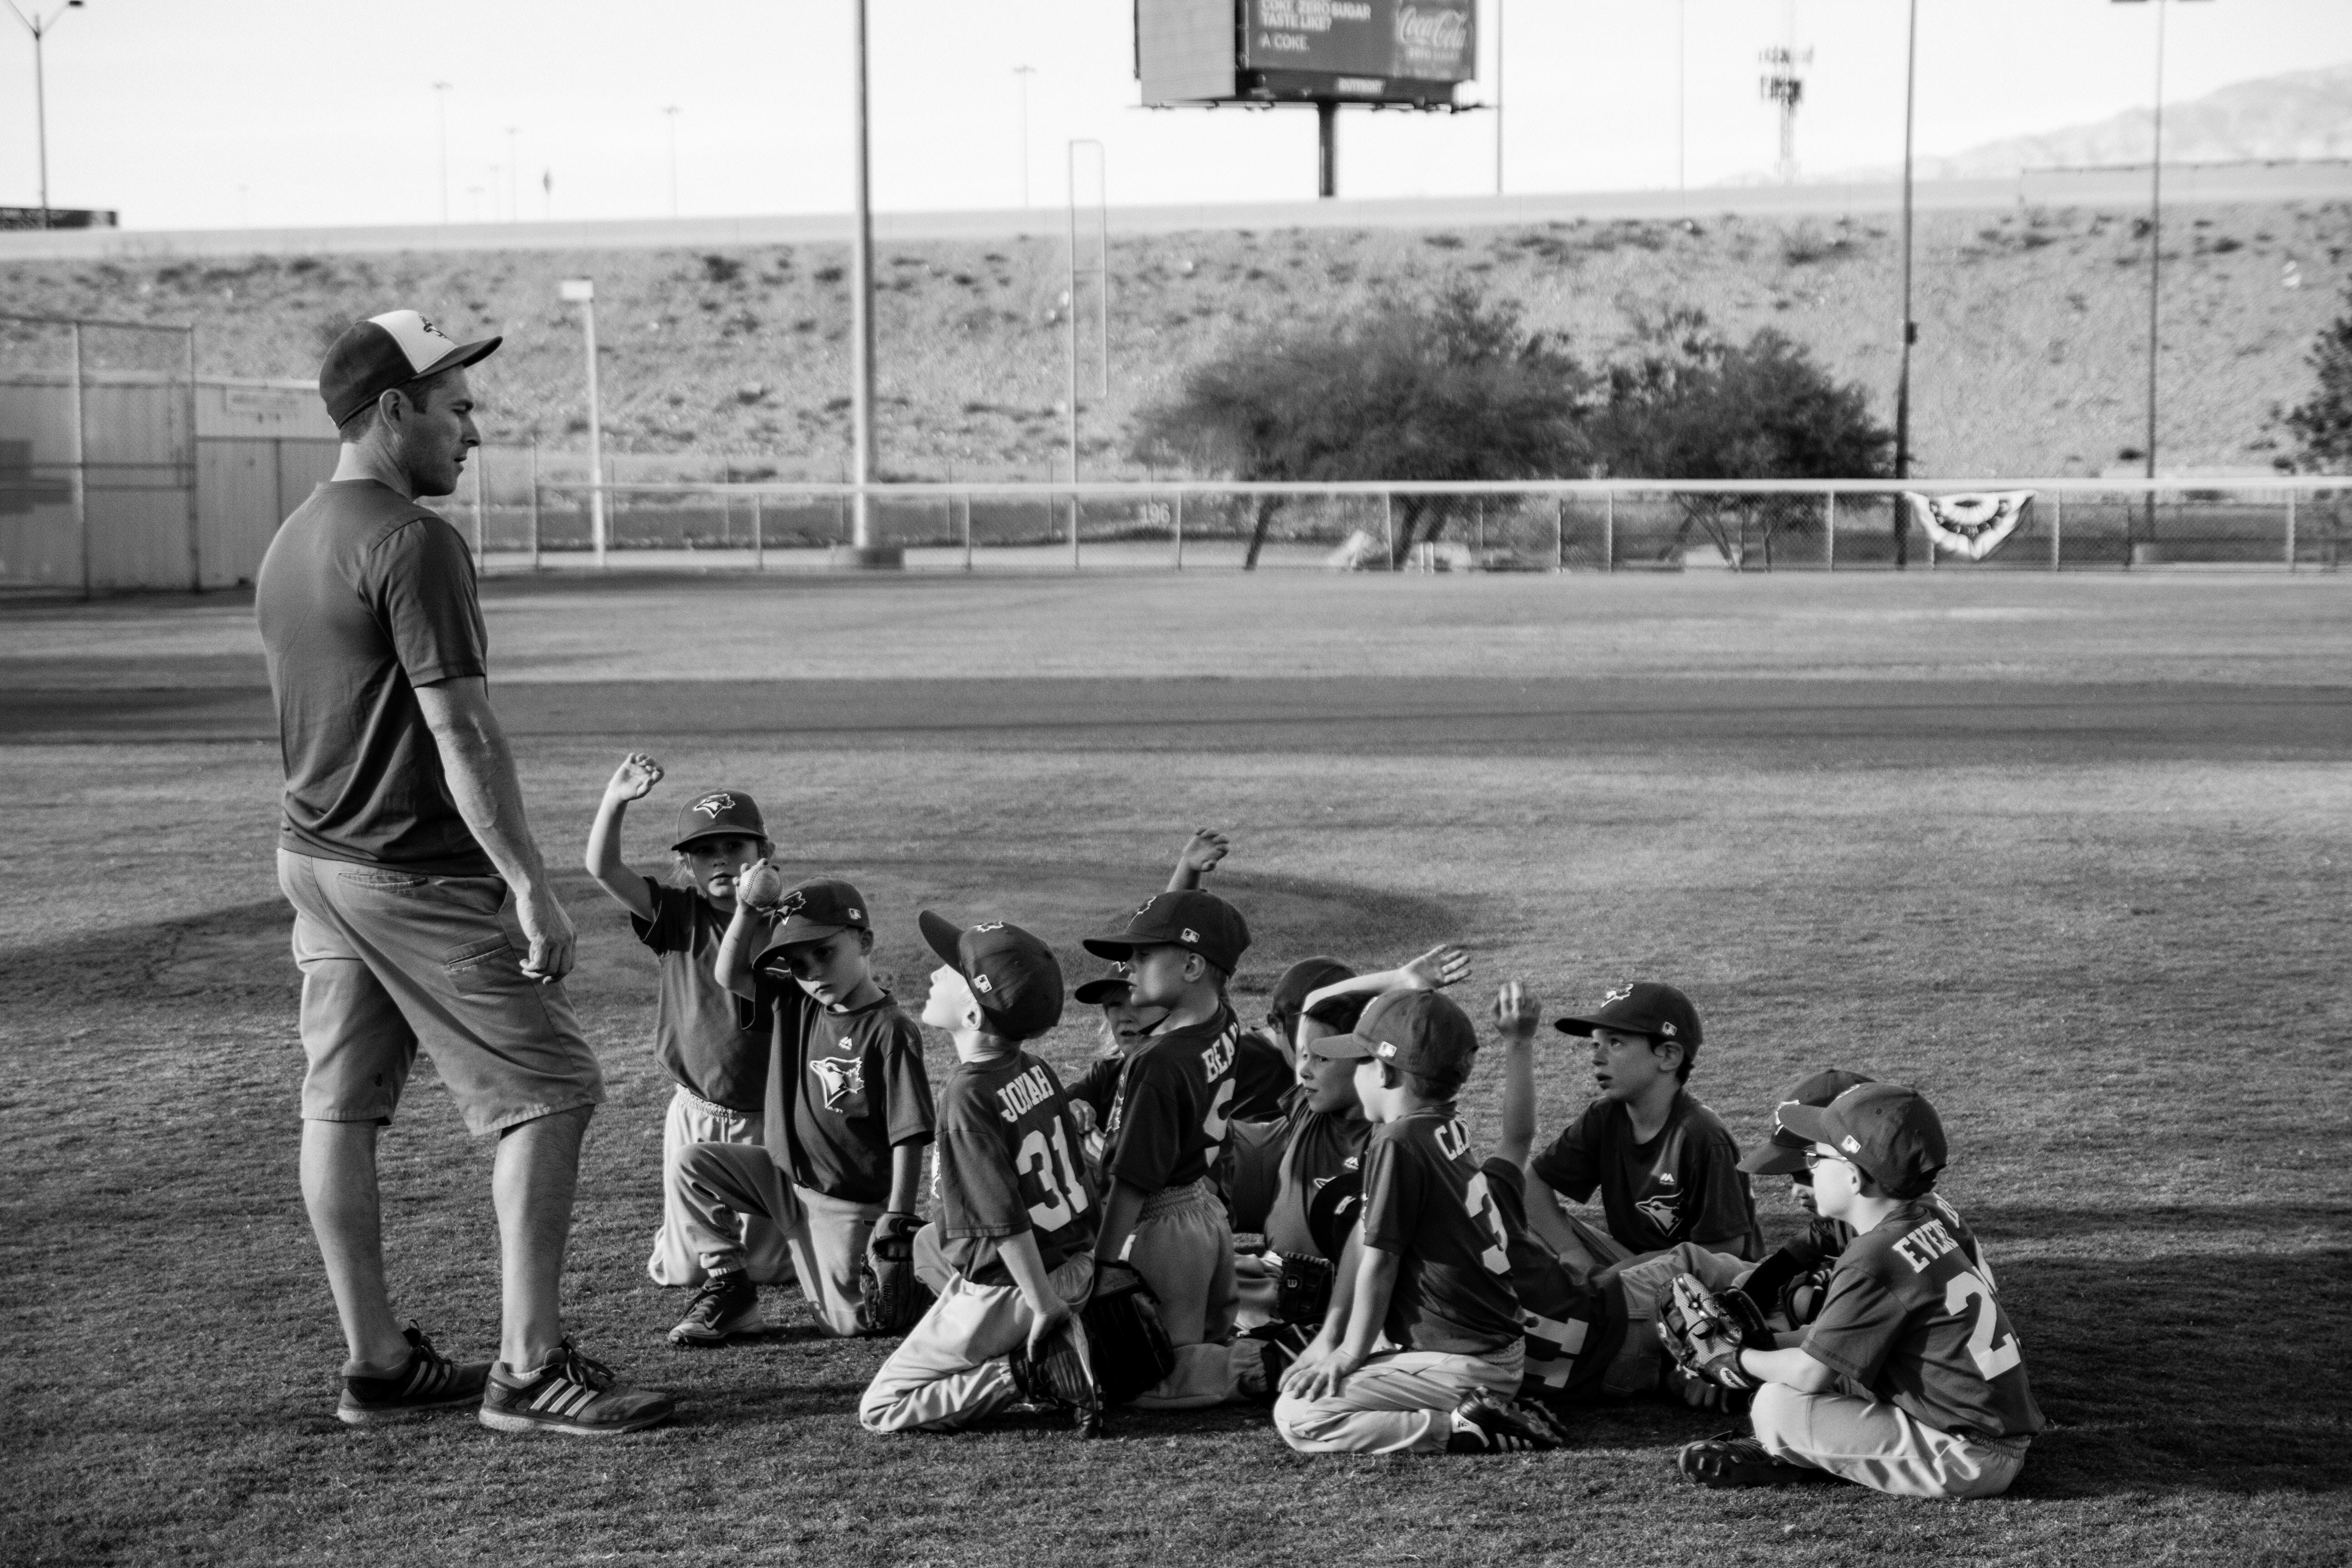 lessons on sportsmanship for kids